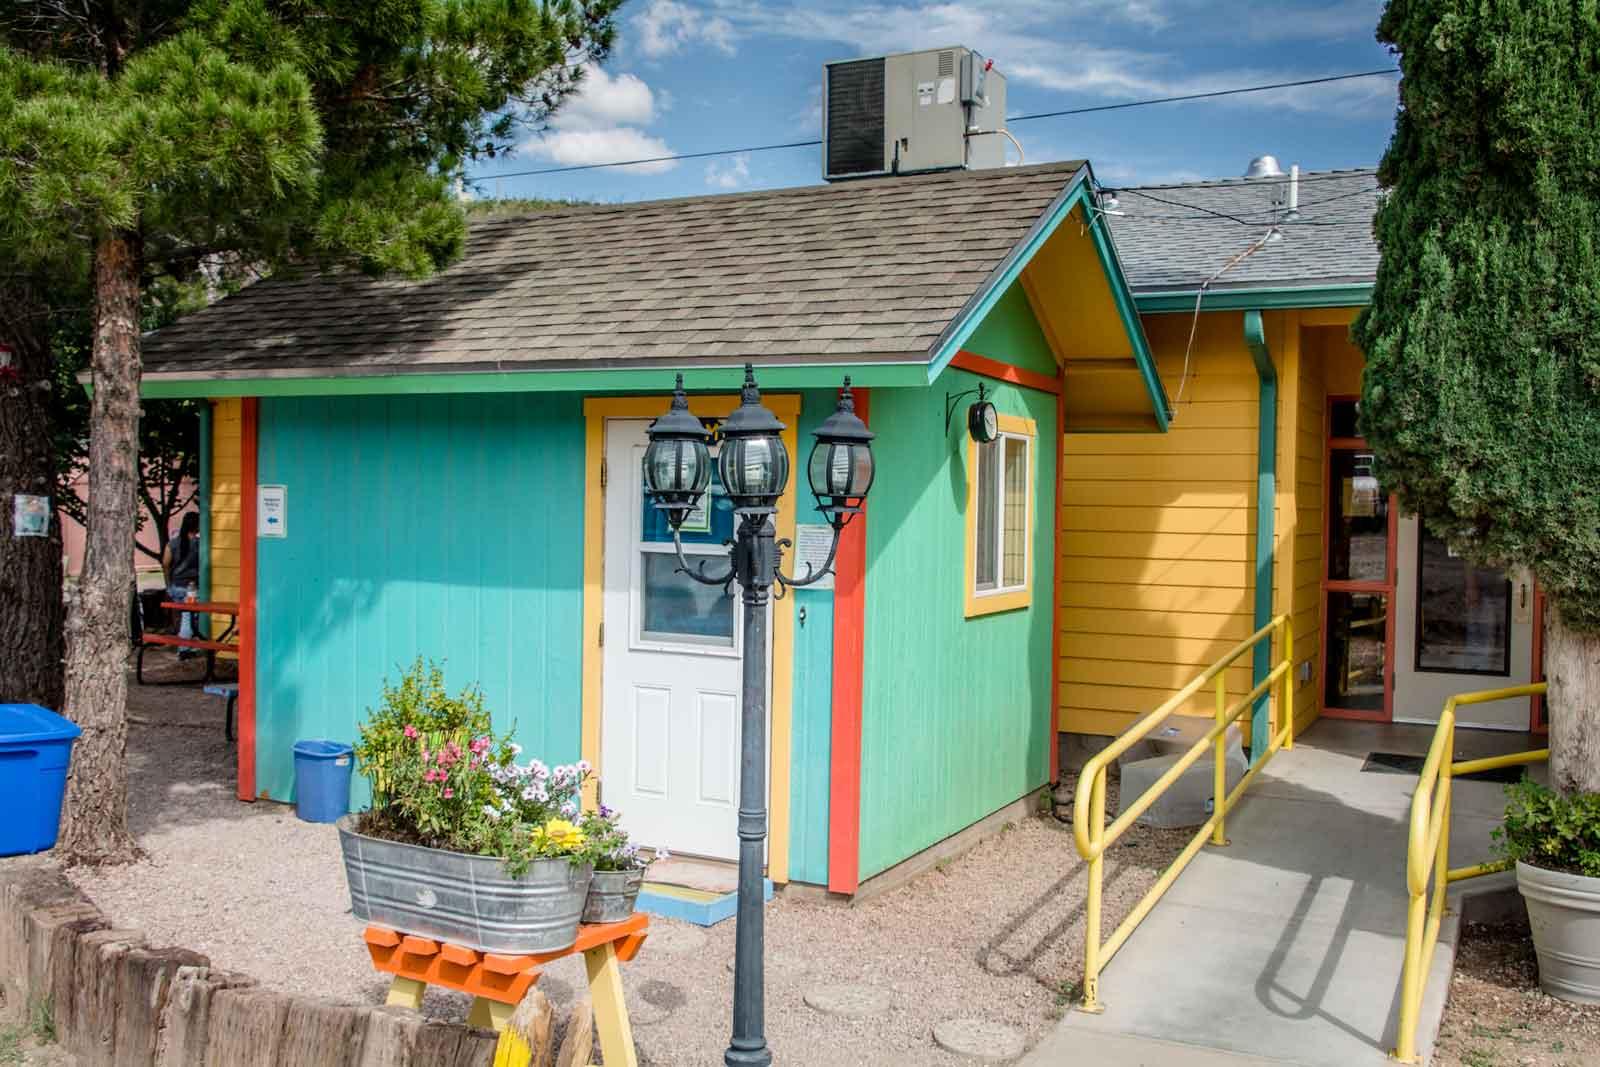 Bisbee Coalition for the Homeless - Homeless Shelter